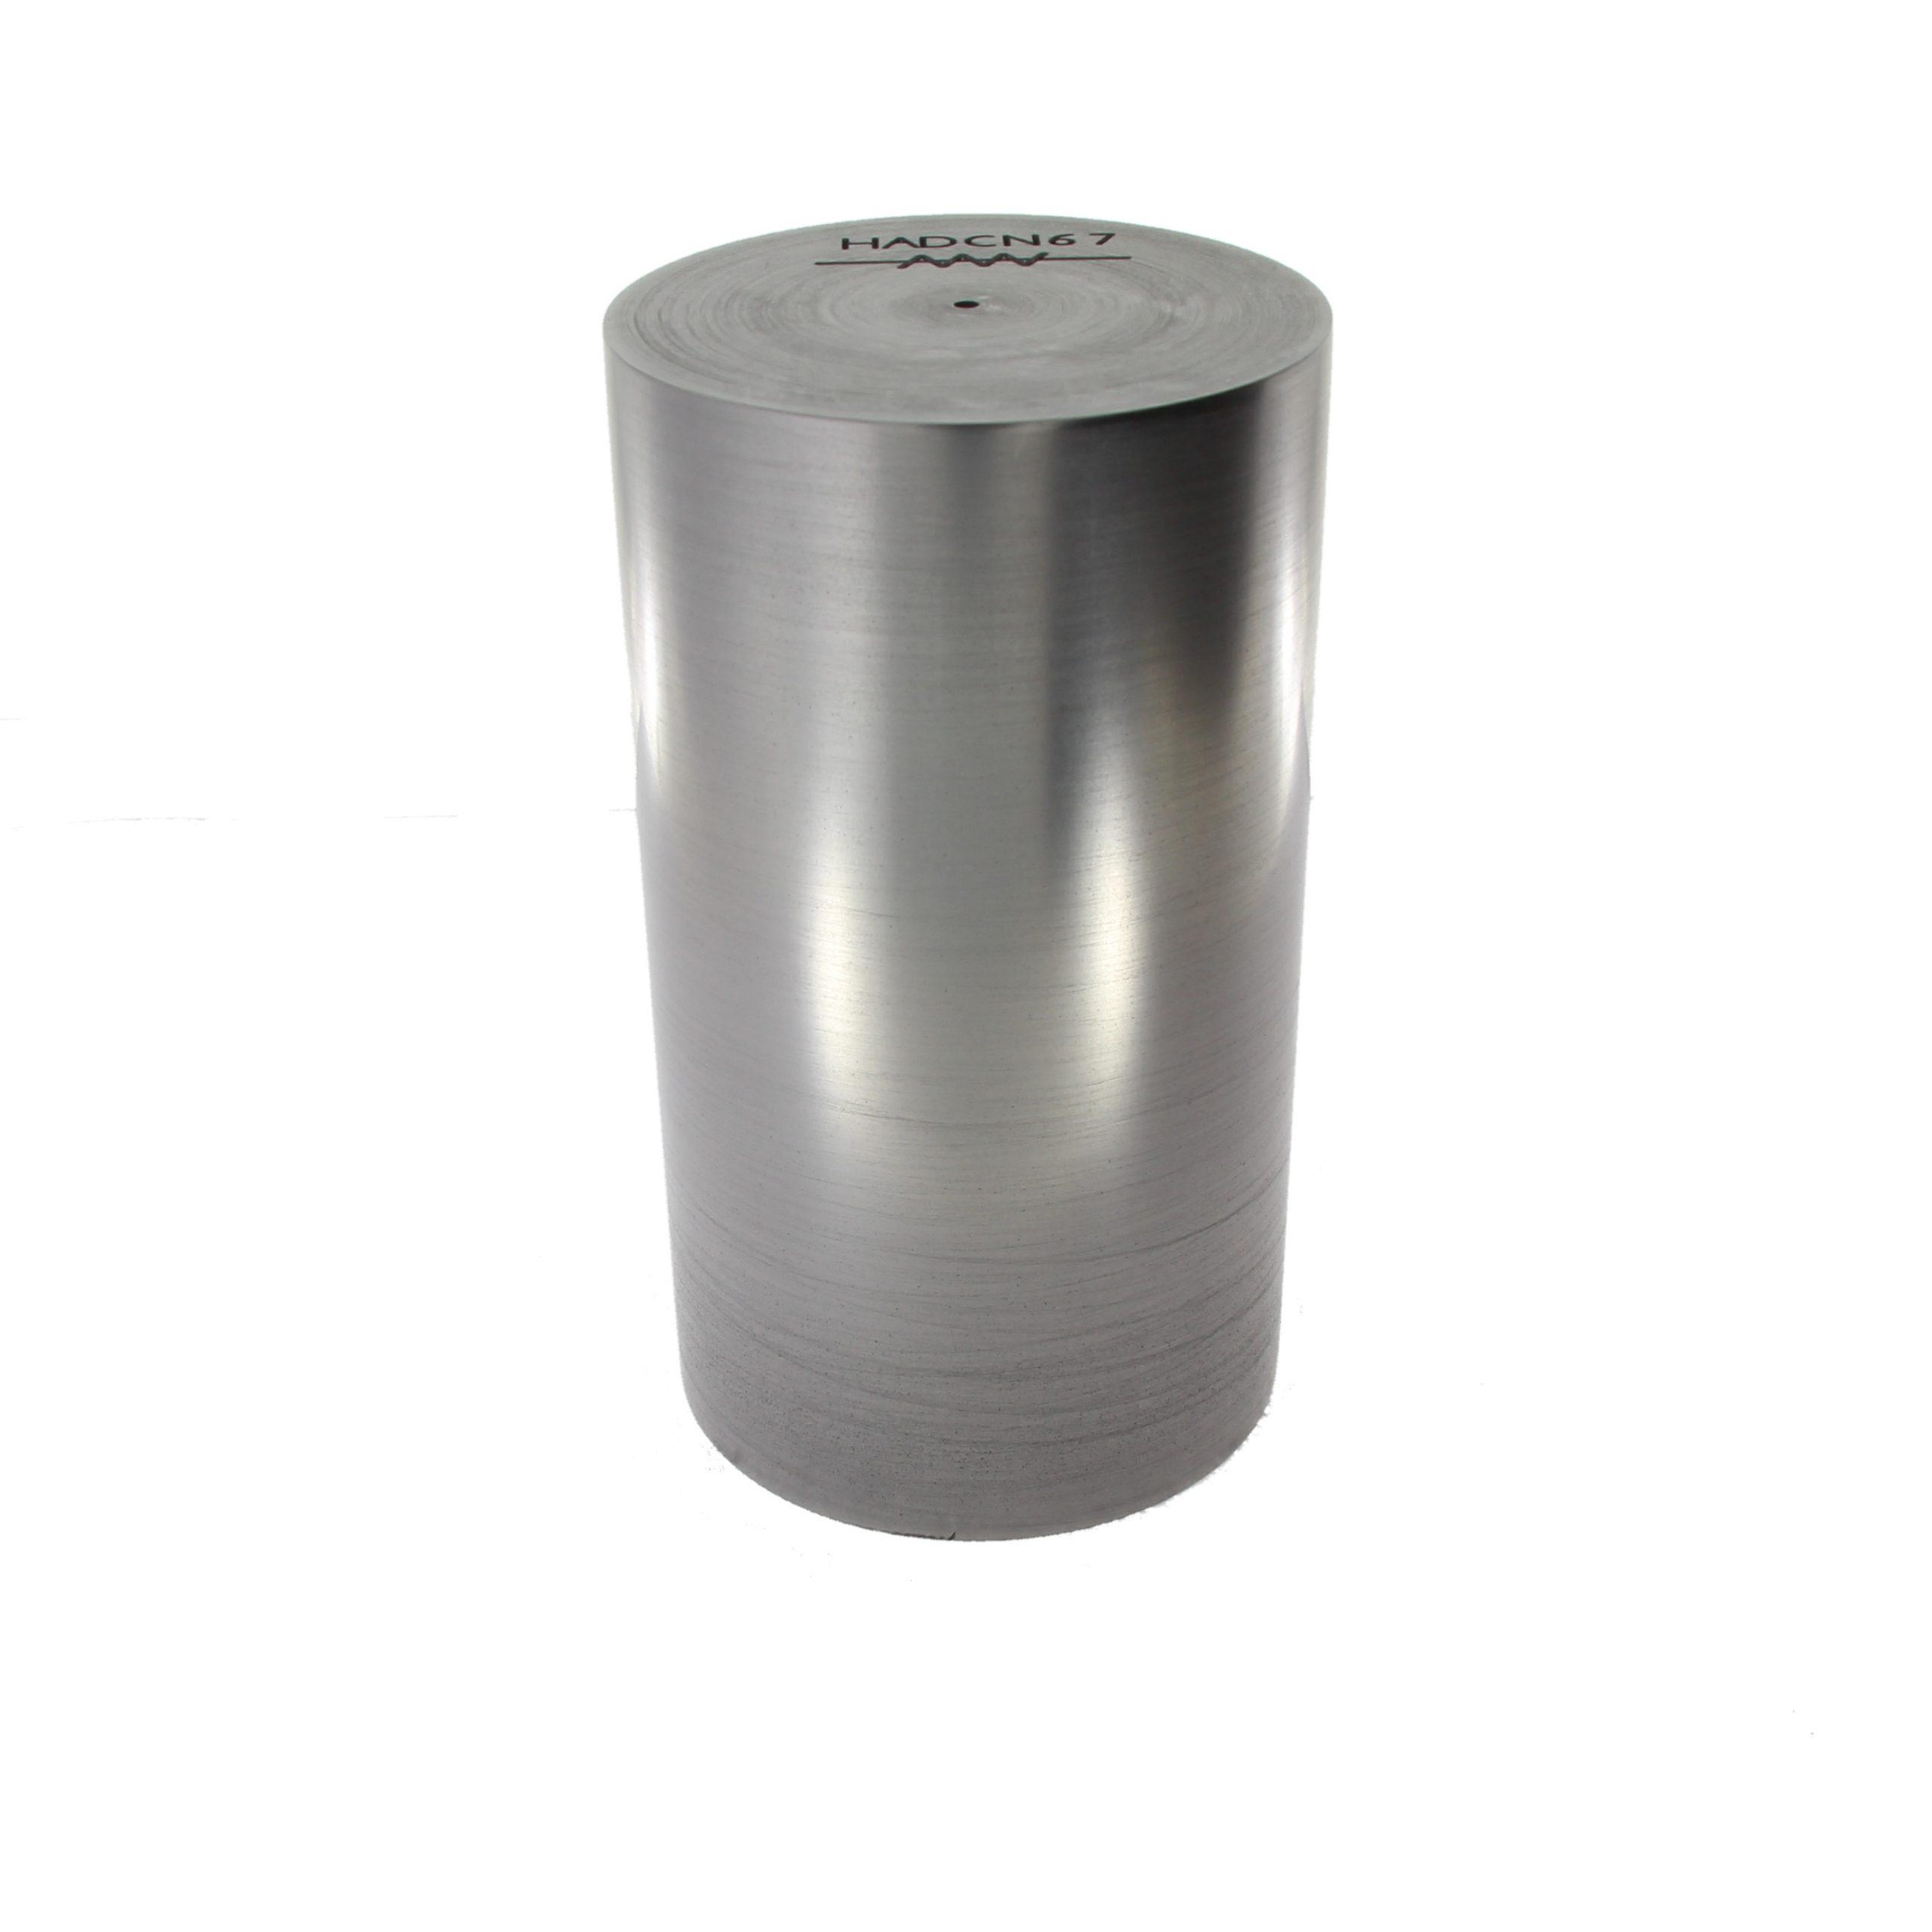 Тигель графитовый  VC400 для гранулятора  INDUTHERM D=68 H=120 d=2 10014020